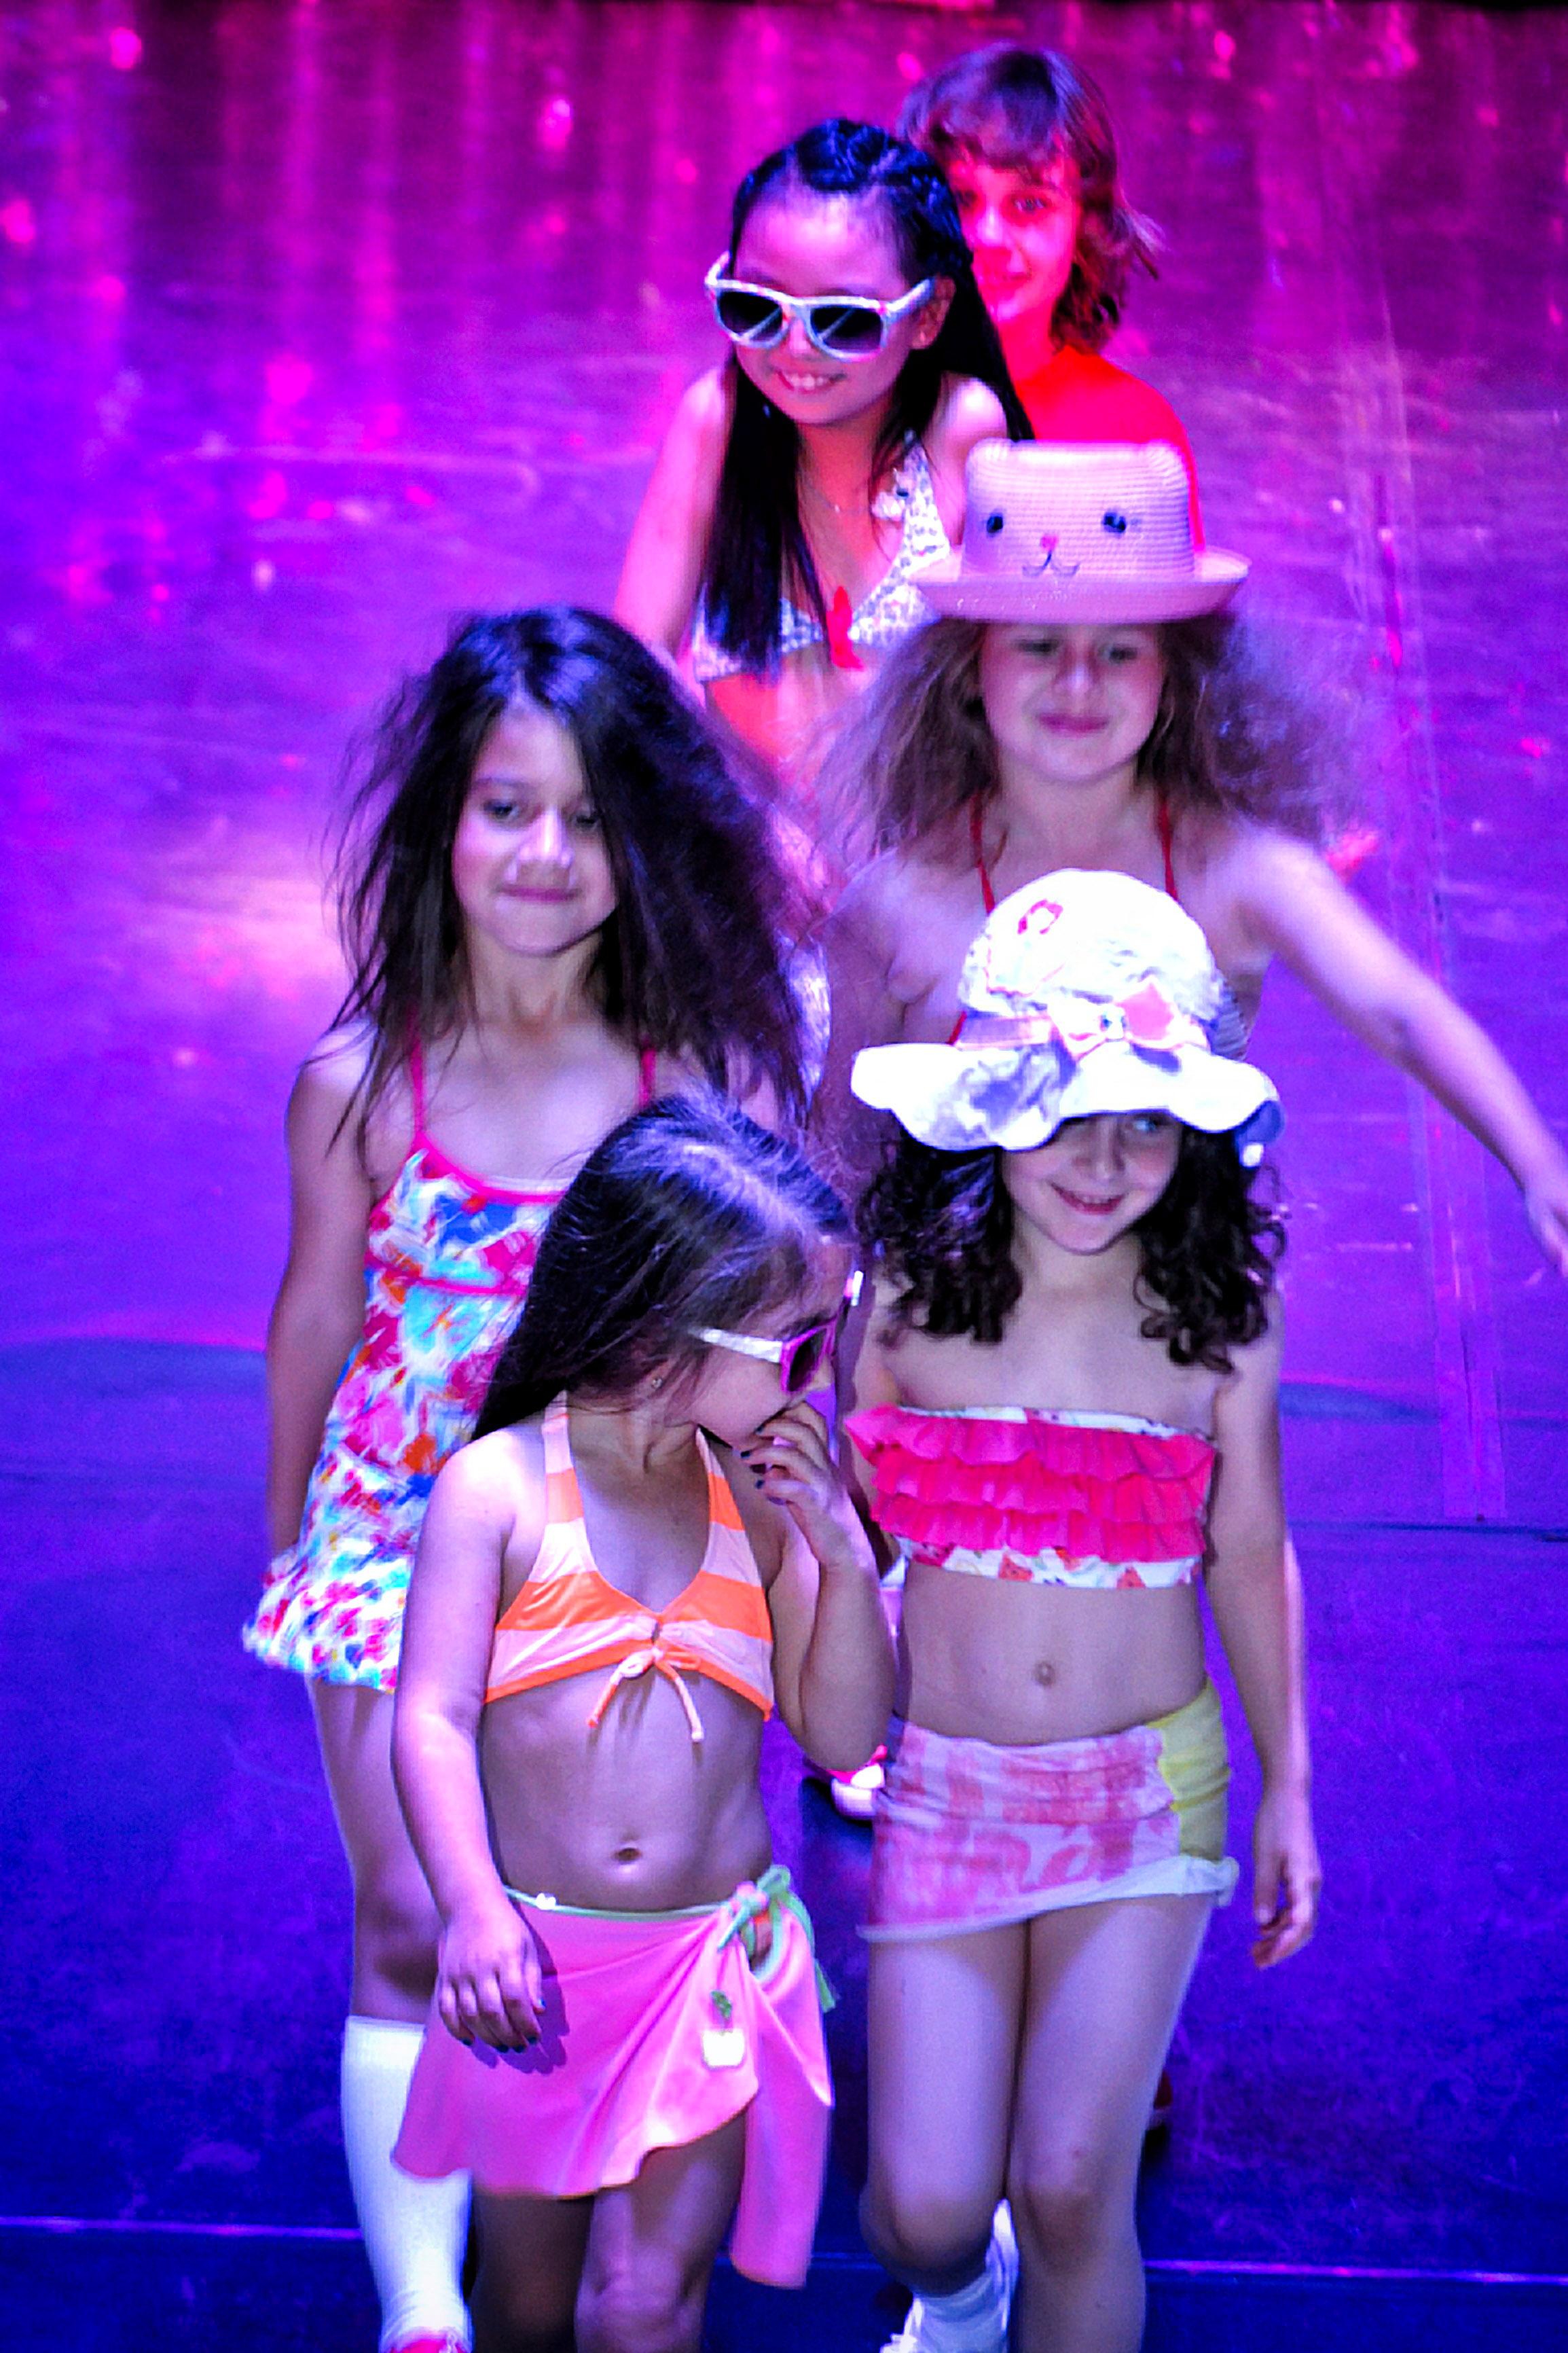 Linea-de-Baile-festival-verano-2015-clases-de-baile-valencia-158